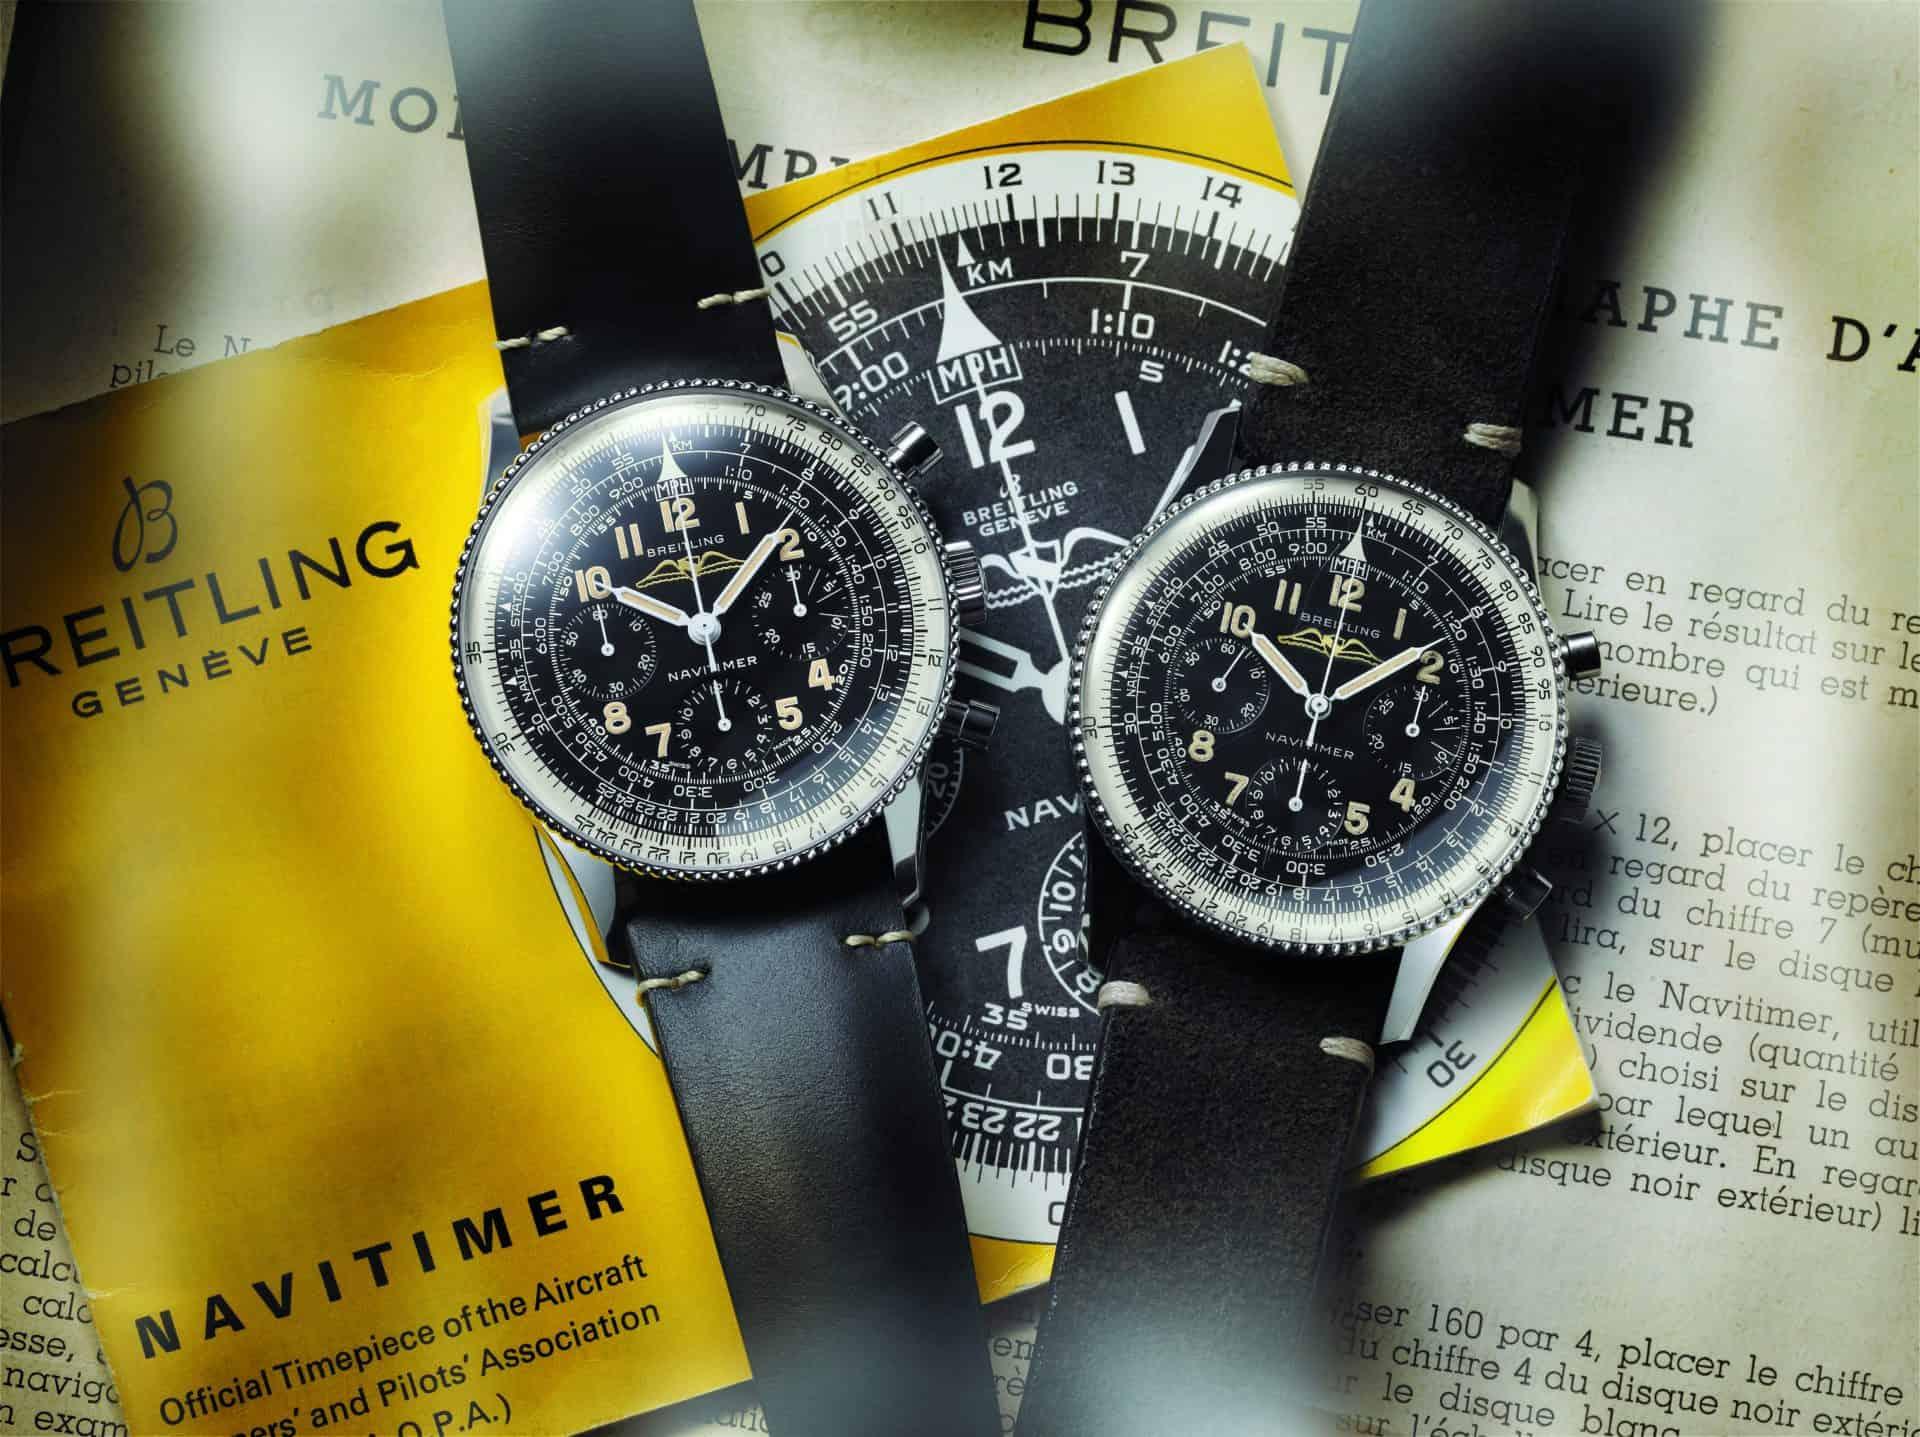 Der Breitling Navitimer Ref. 806 1959 Re-Edition und rechts der historische Navitimer Ref. 806 von 1959